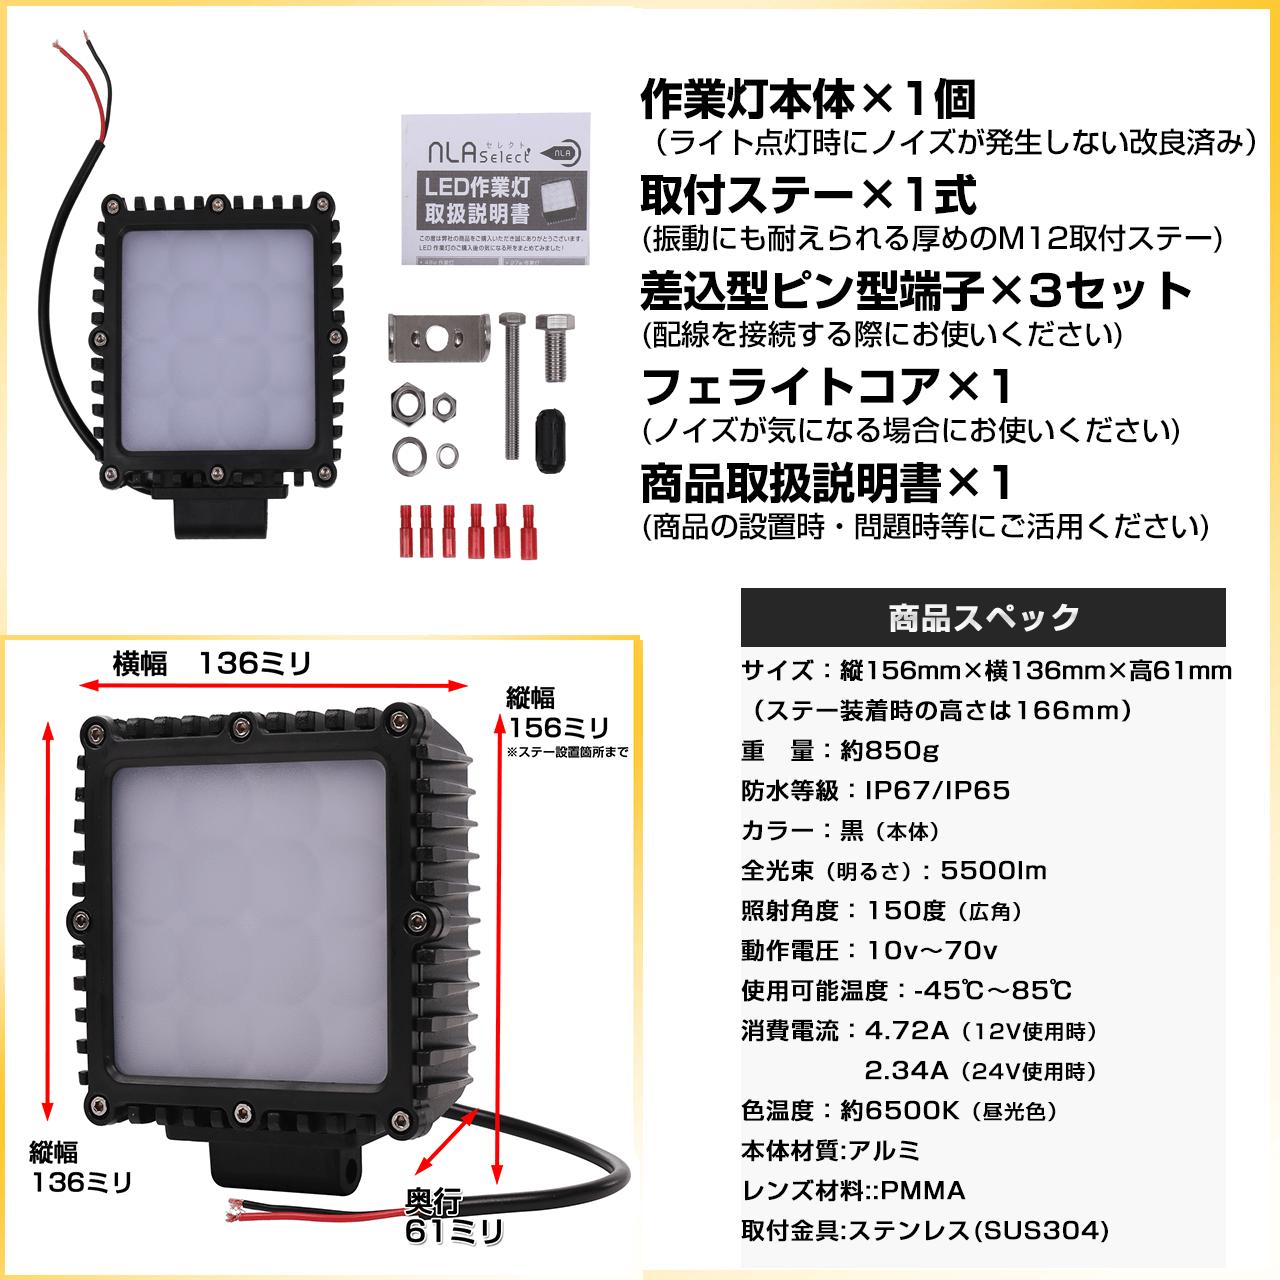 80W作業灯・商品スペックの紹介